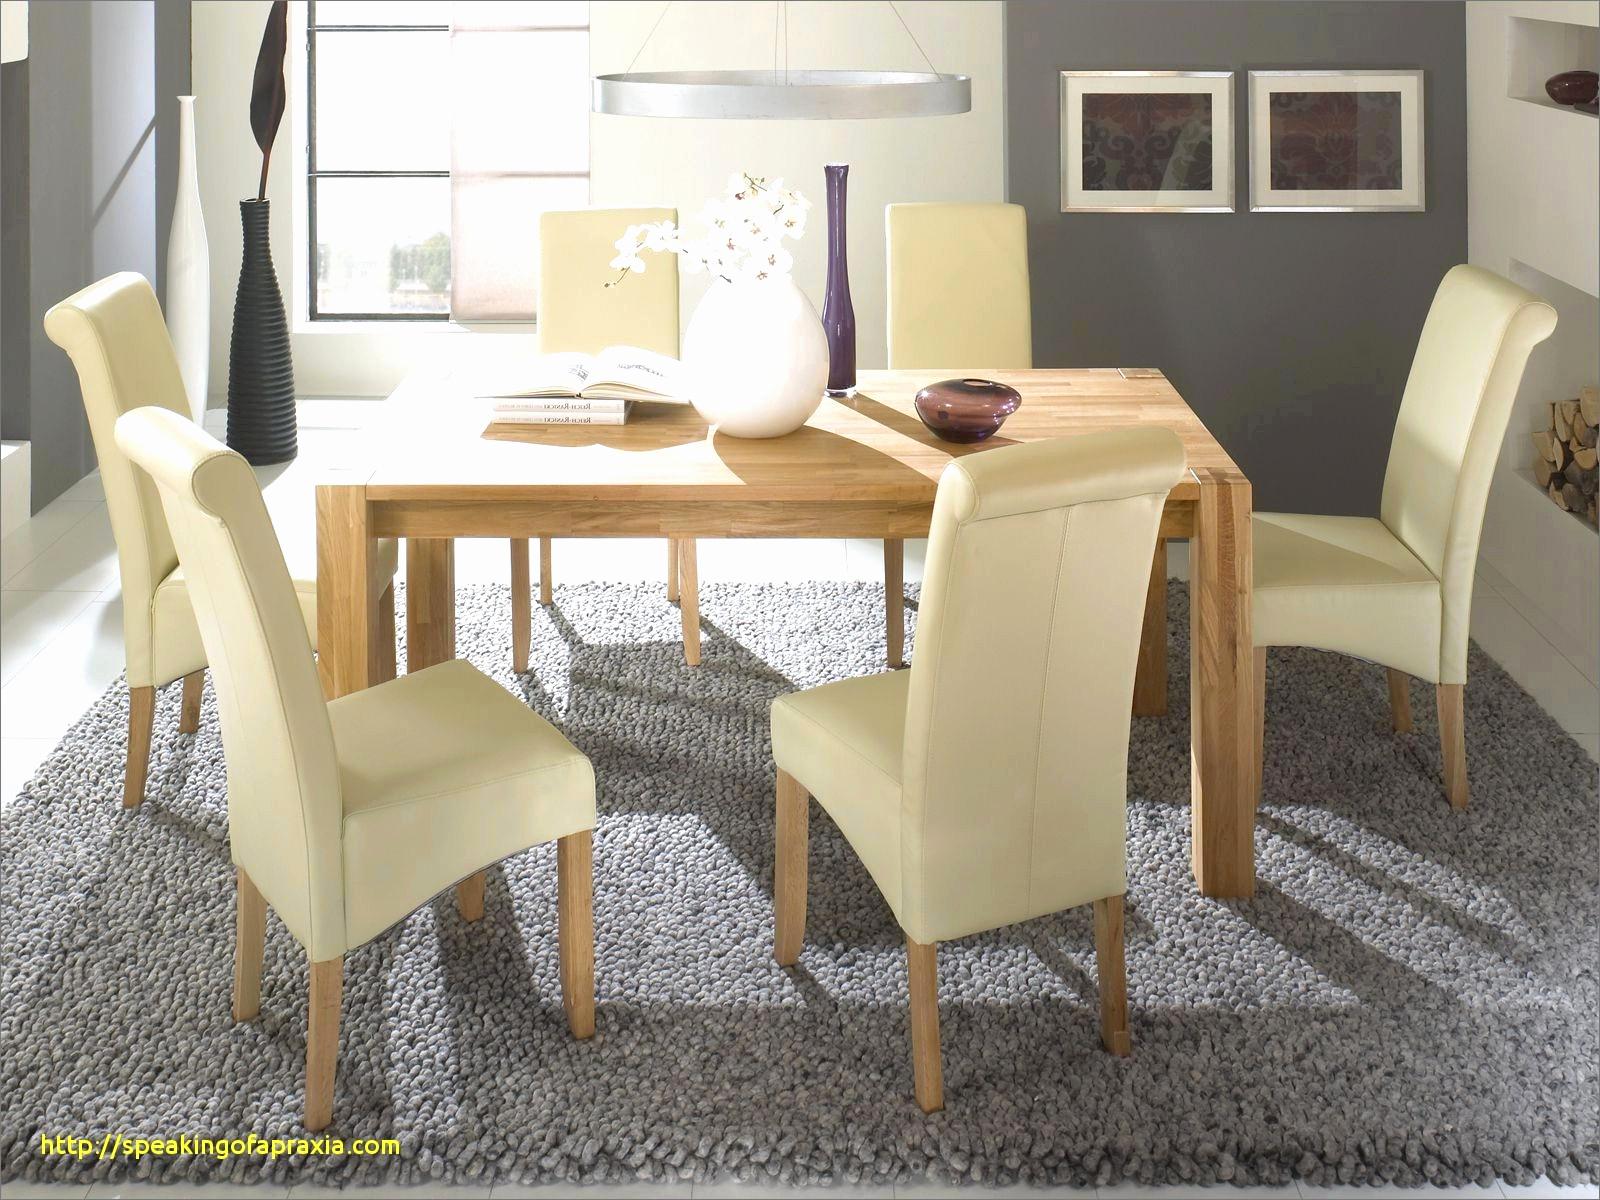 unique collection de chaise pour salle a manger genial alinea table a manger chaises alinea salle a manger alinea chaise 0d of unique collection de chaise pour salle a manger